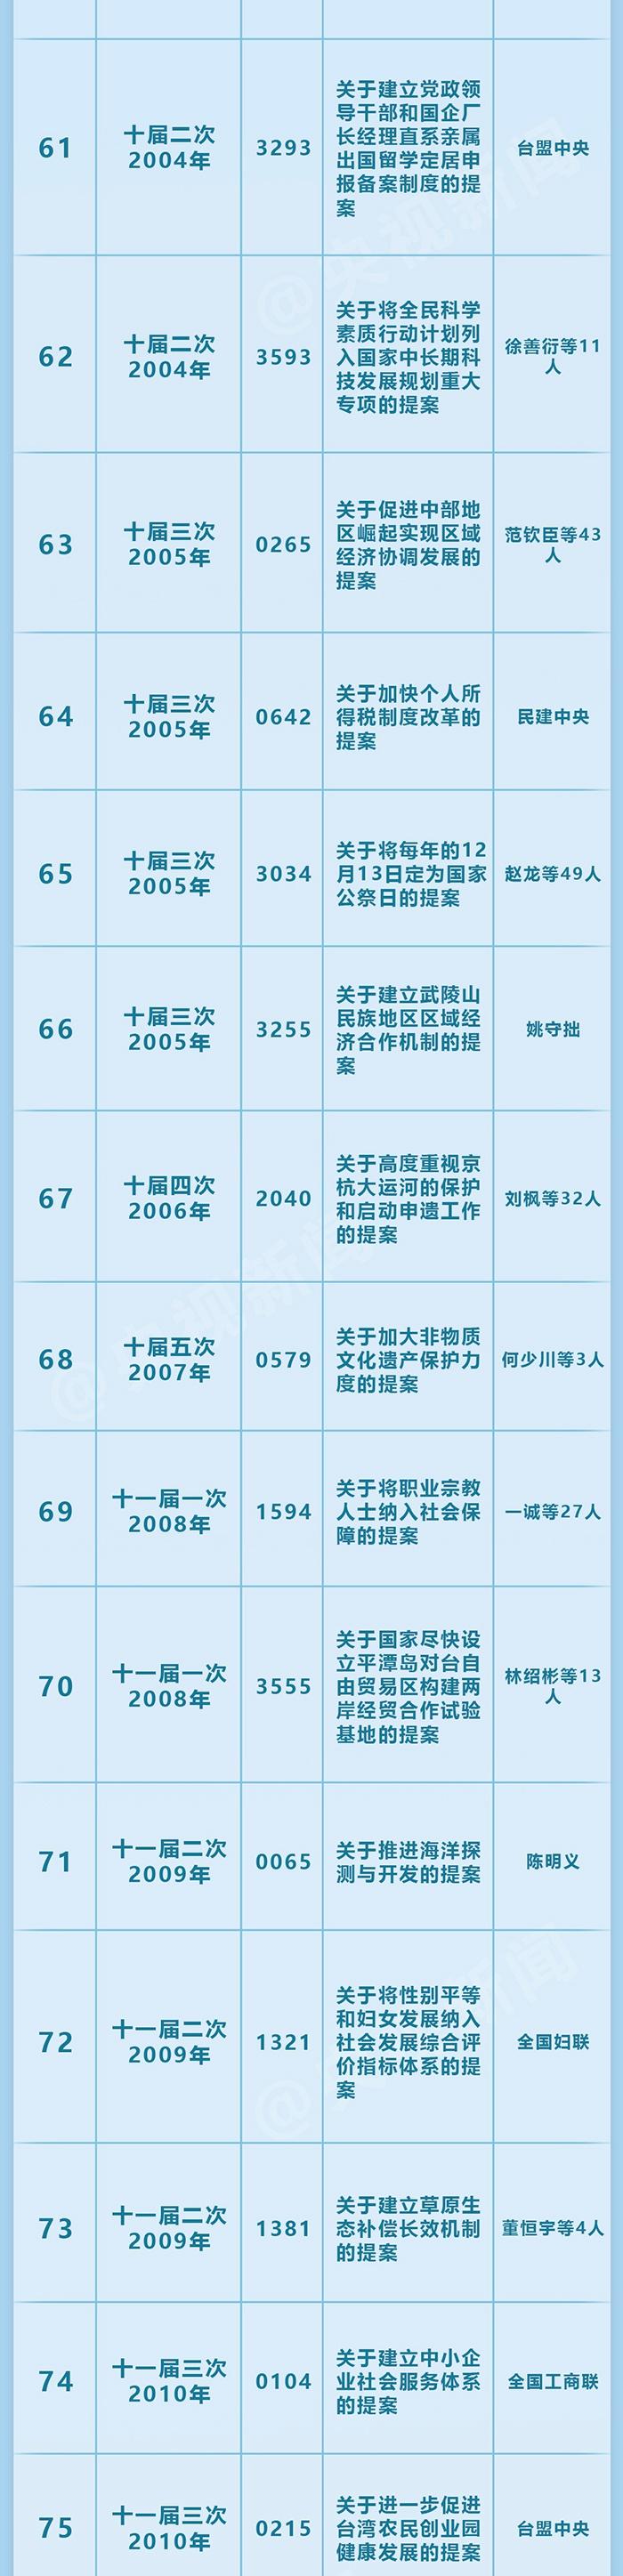 「ag平台手机版官网」关岛足球解密:封闭训练刻意保持神秘,临阵更换七人